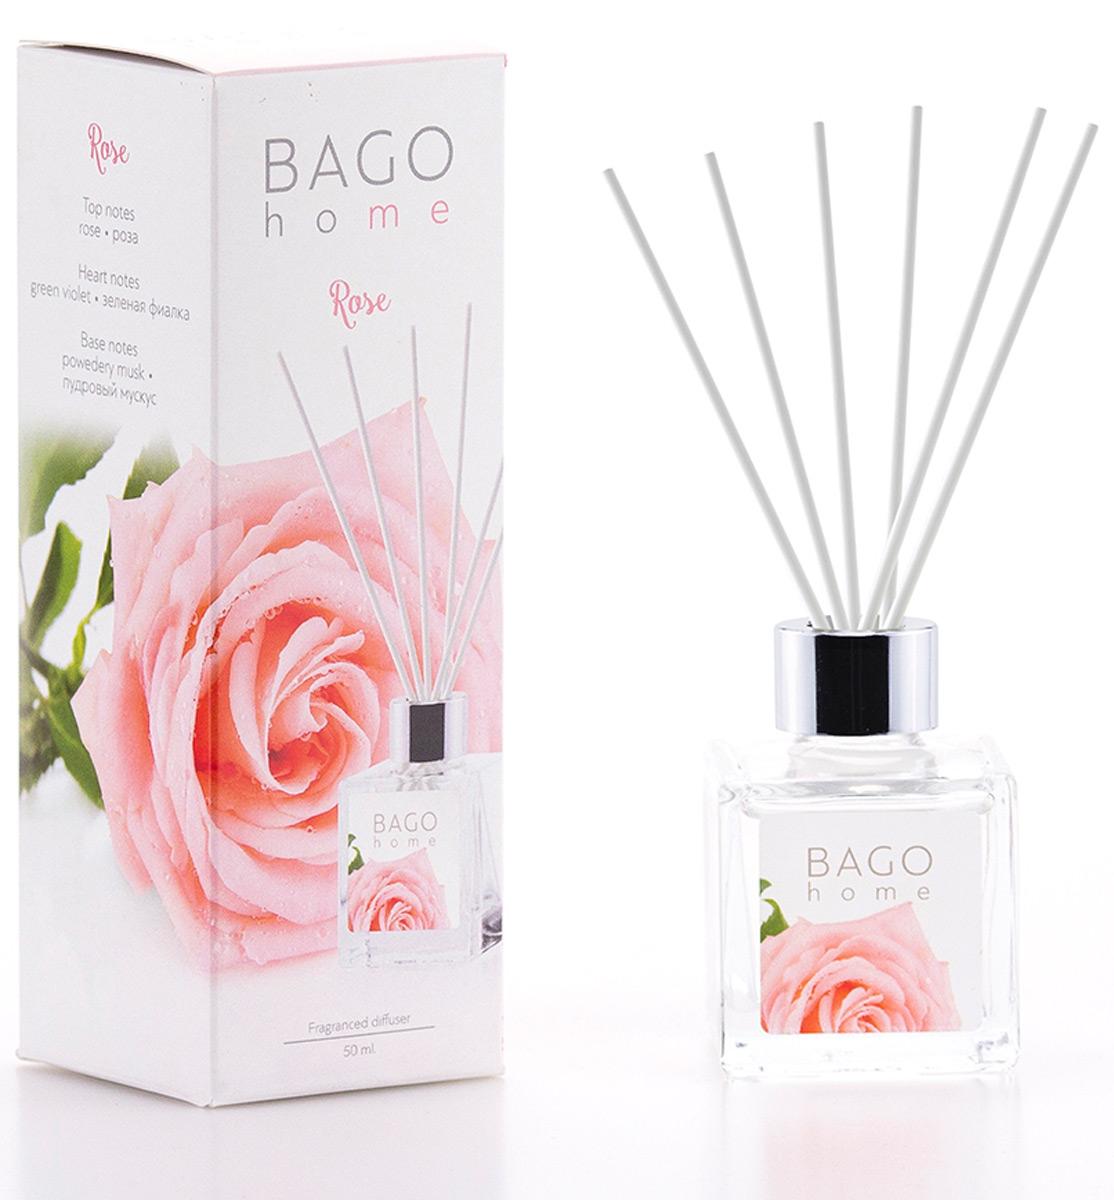 Мини-диффузор ароматический BAGO home Роза, 50 млBGH0604Роза – королева цветов. Ароматический диффузор Роза от Bago home наполнит ваш дом истинно королевским ненавязчивым ароматом. Ароматы разработаны ведущими парфюмерными домами Европы. В производстве использованы передовые технологии. Уникальная рецептура на основе компонентов растительного происхождения.